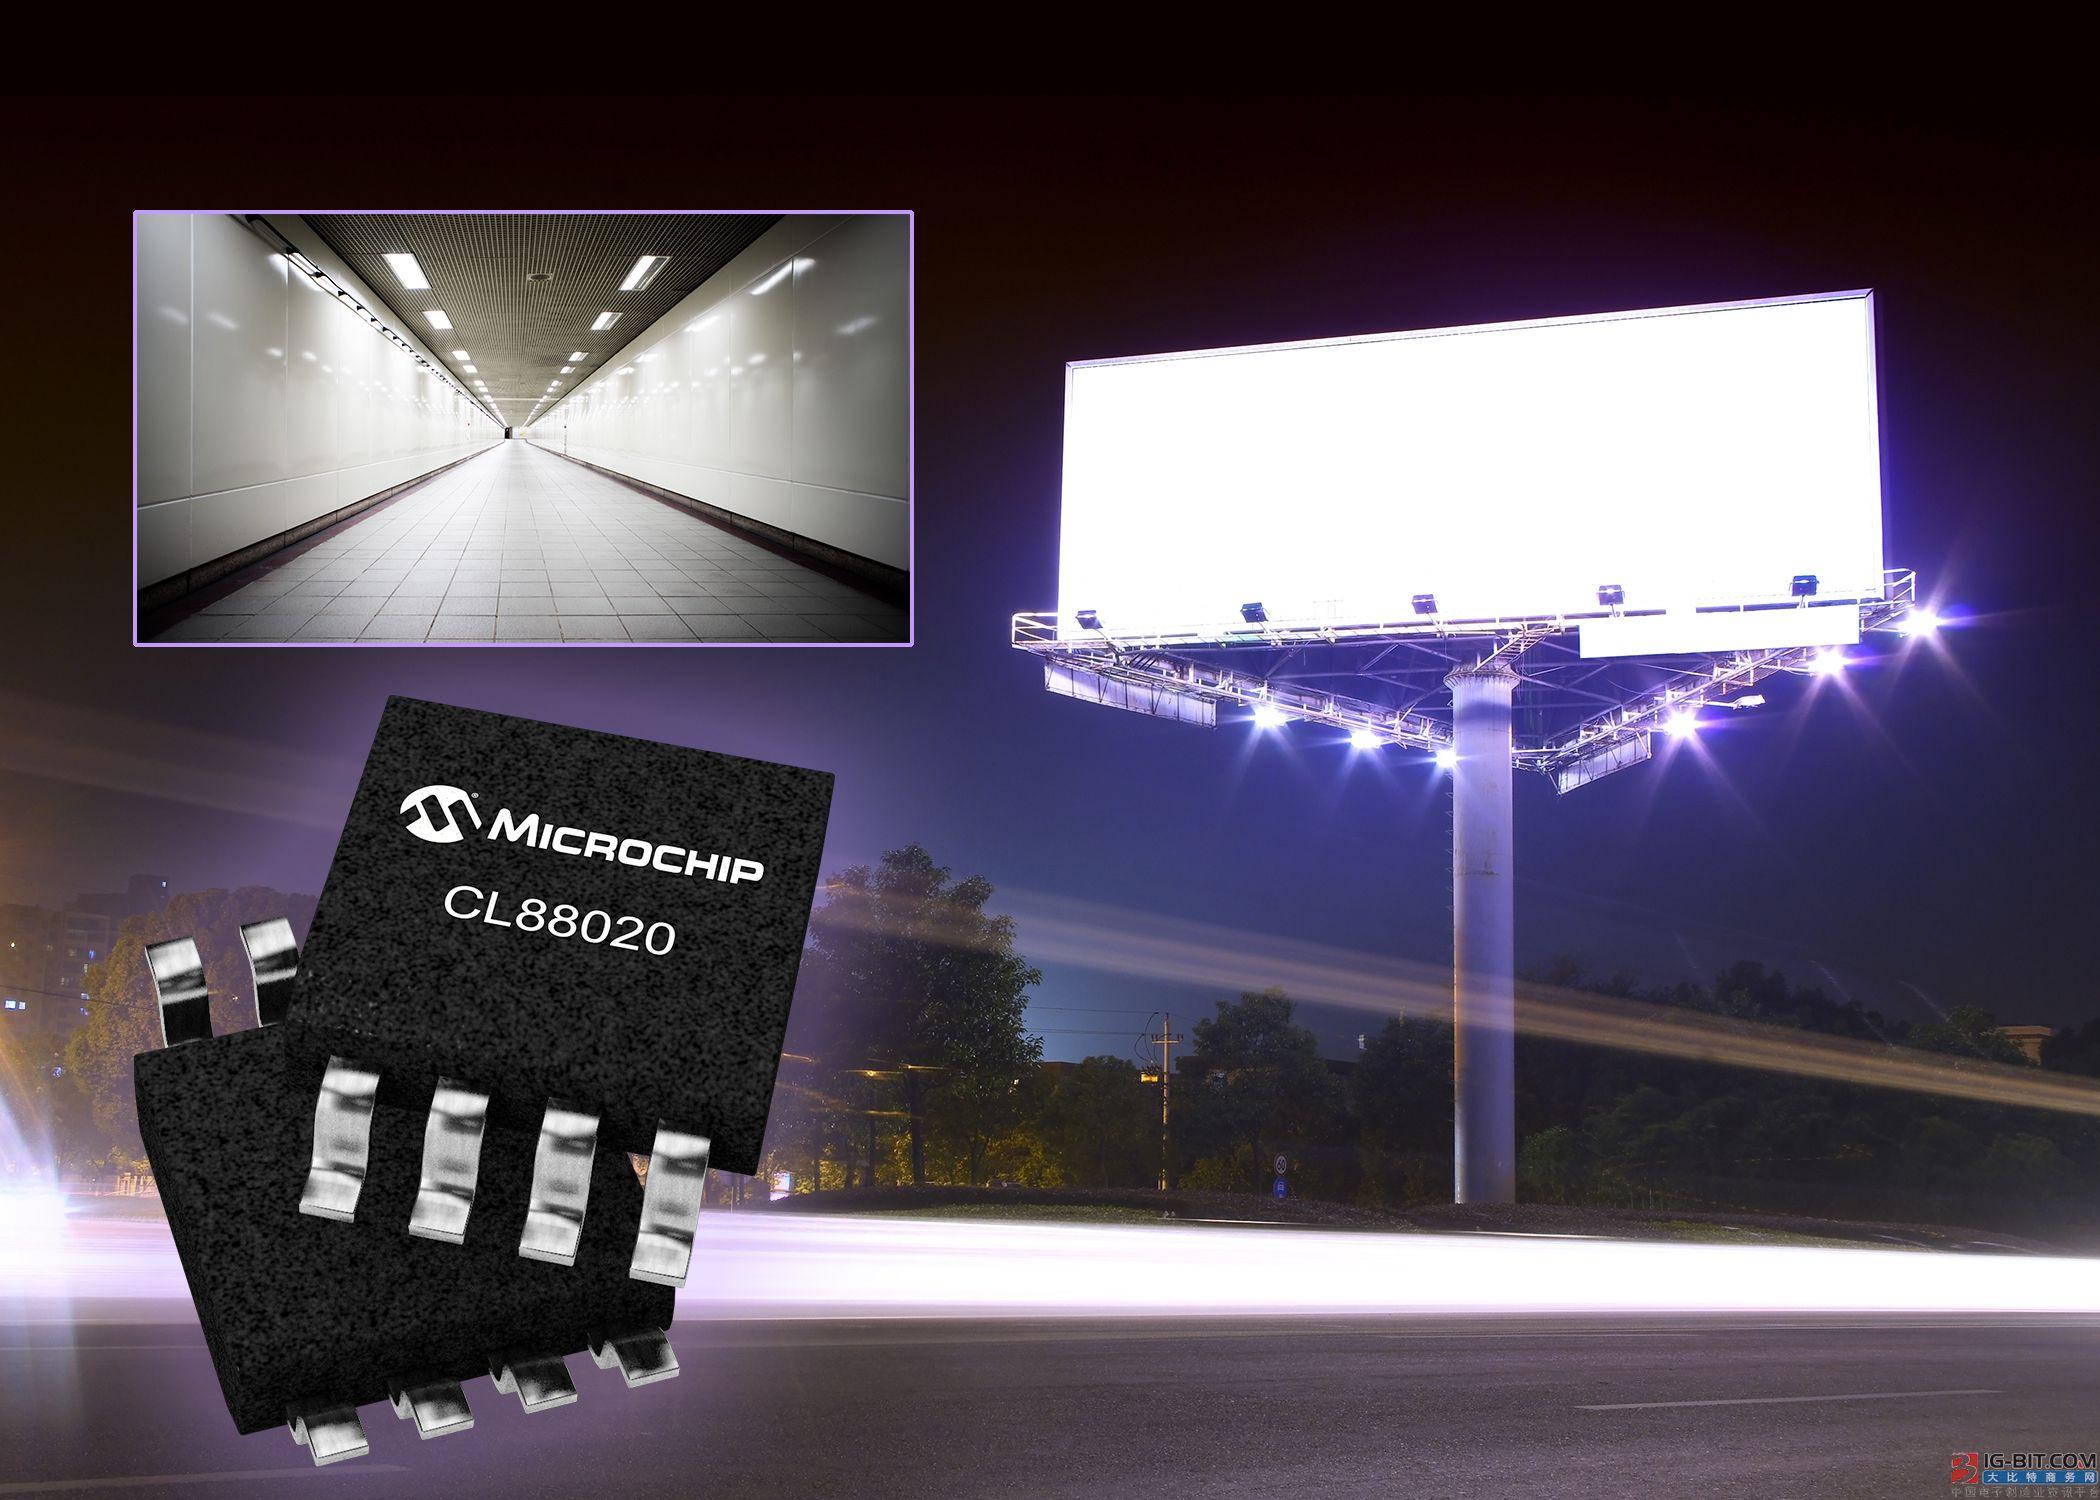 采用Microchip的连续线性LED驱动器, 开发更可靠且经济高效的LED照明应用